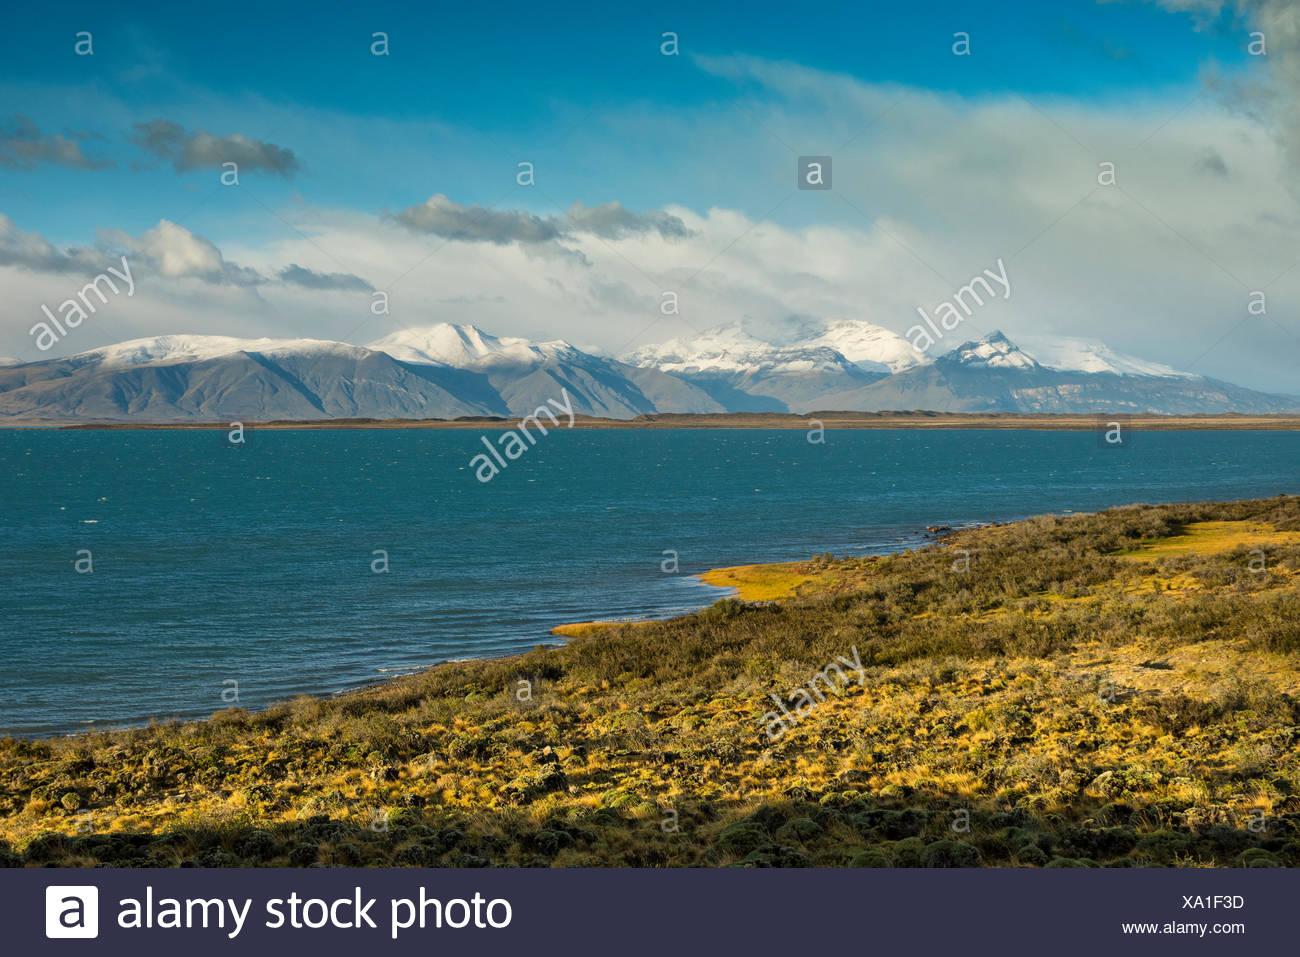 América del Sur, Argentina, Patagonia,Santa Cruz,Puerta Bandera,el Lago Argentino. Imagen De Stock